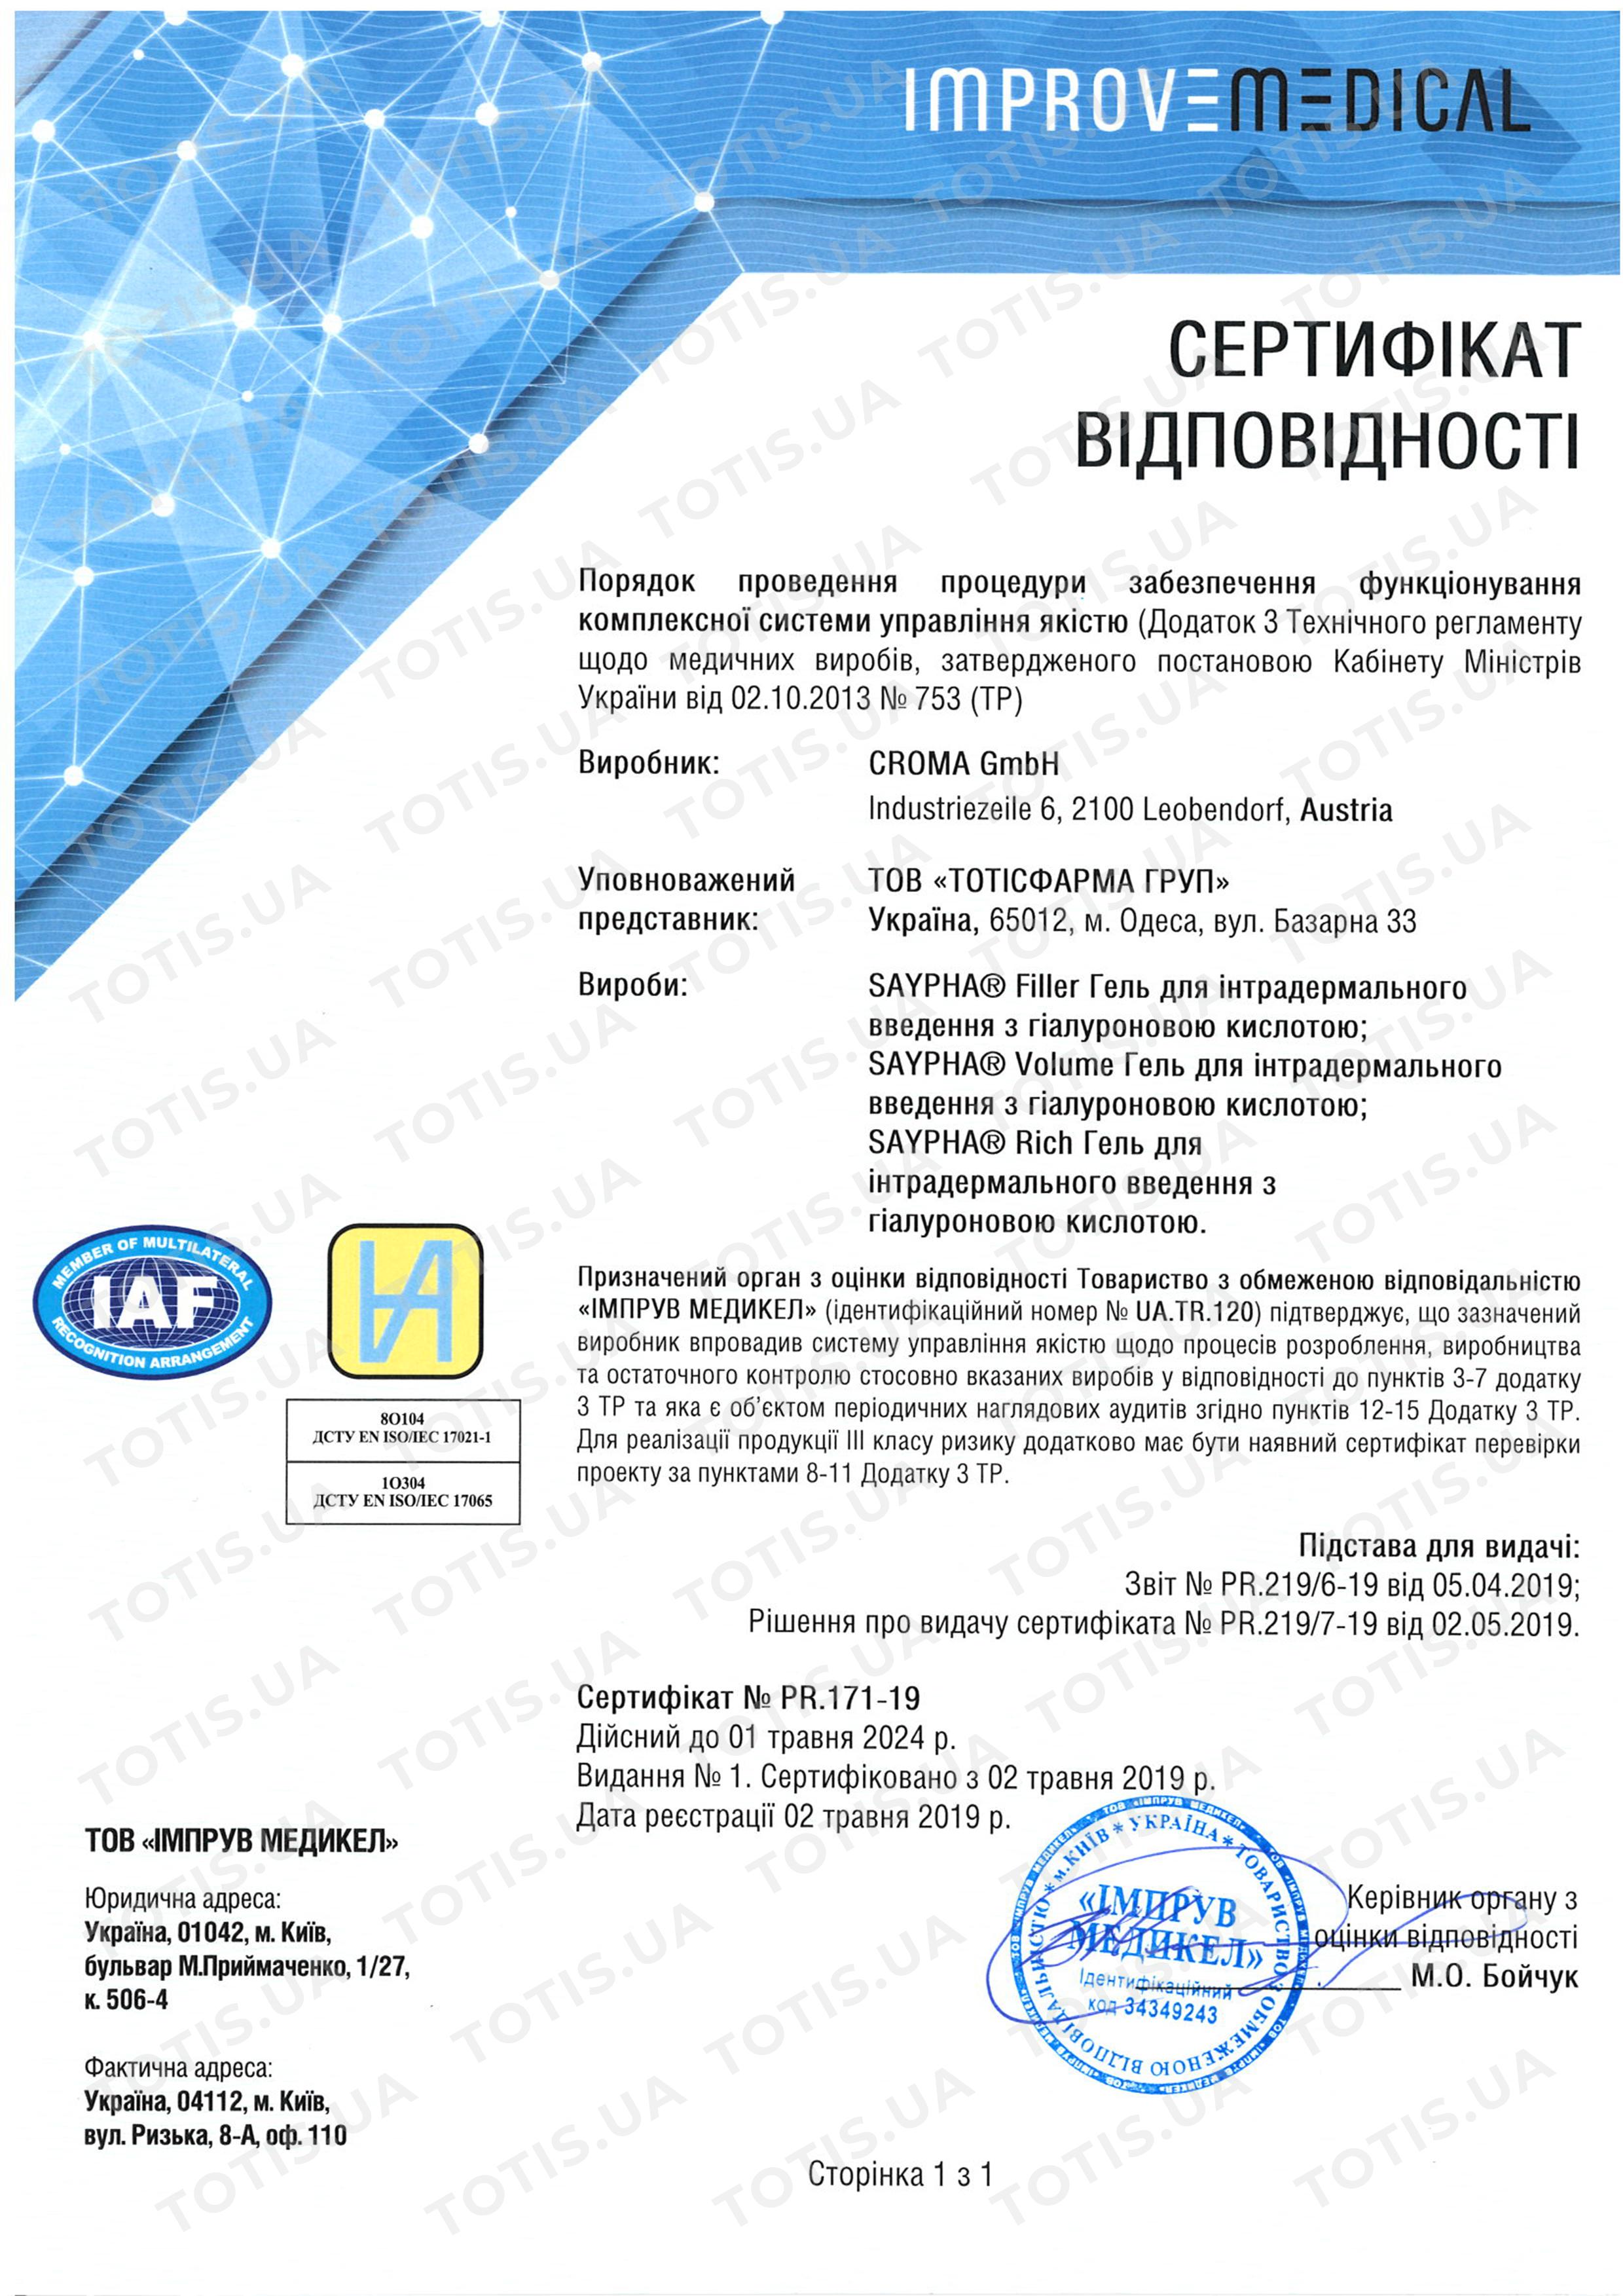 сертификаты филлеров Сайфа